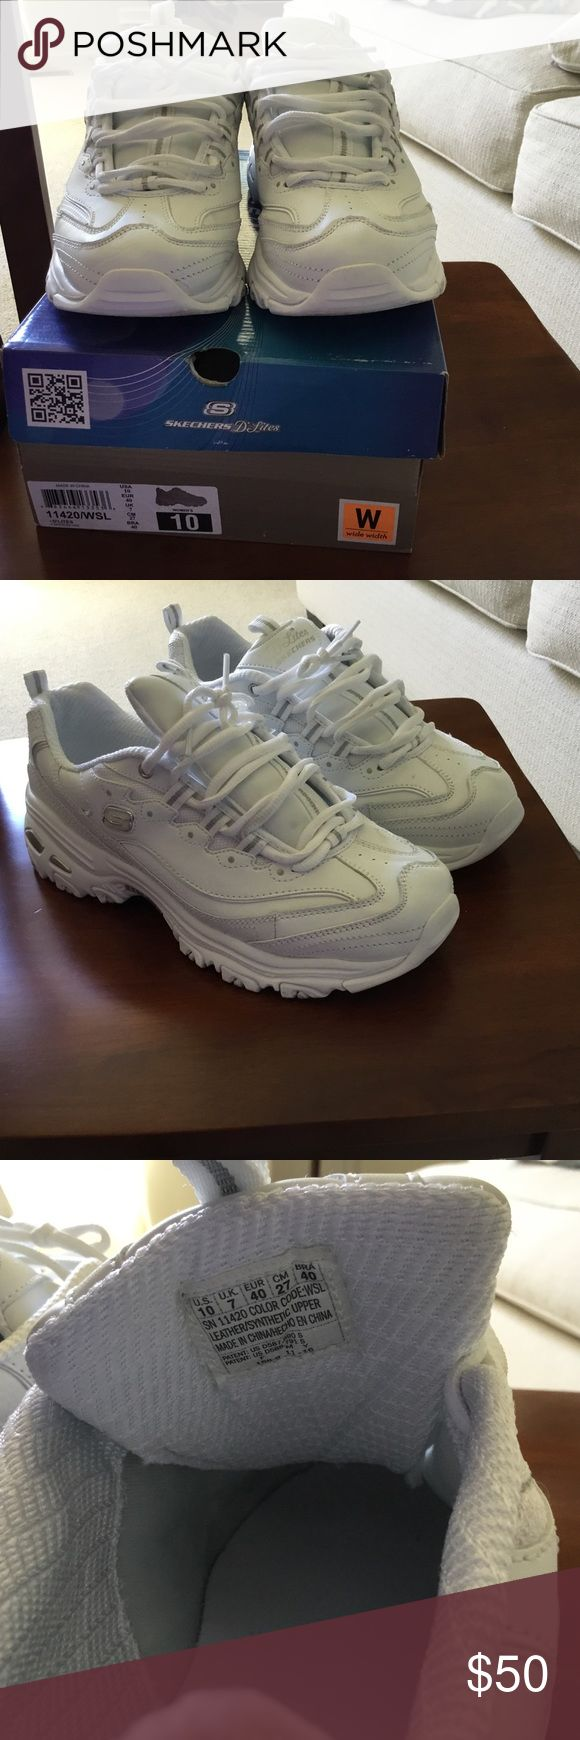 Skechers D'lites - Size 10 wide width Only worn once. Size 10 wide width. Skechers Shoes Athletic Shoes